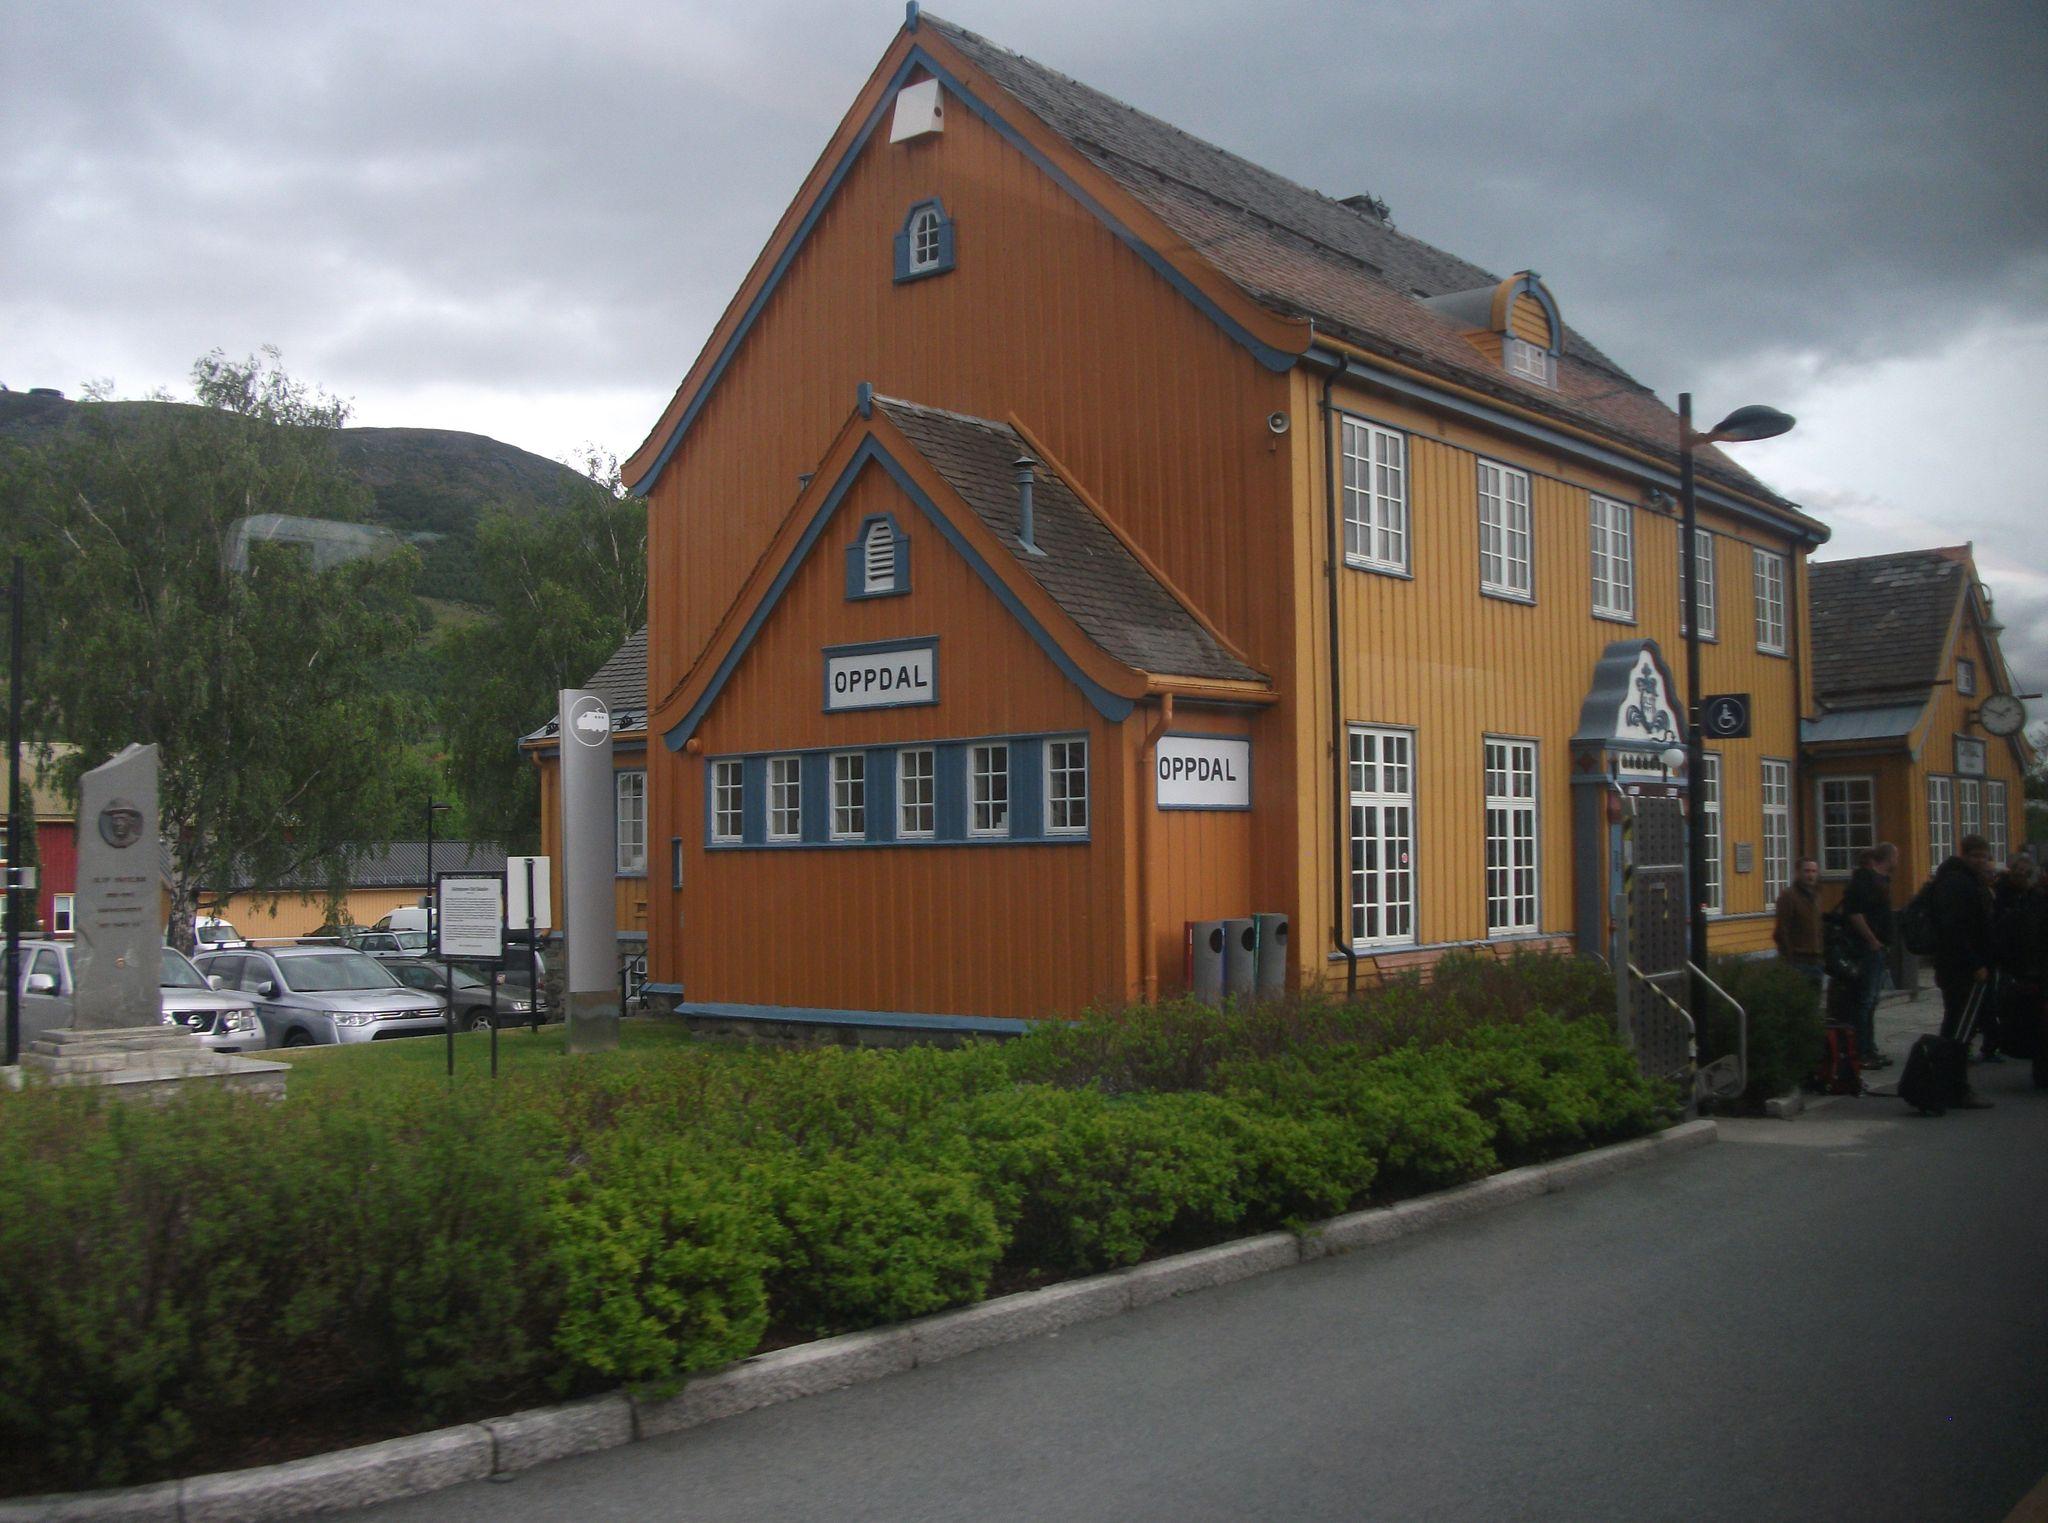 Oppdal (Norvège)